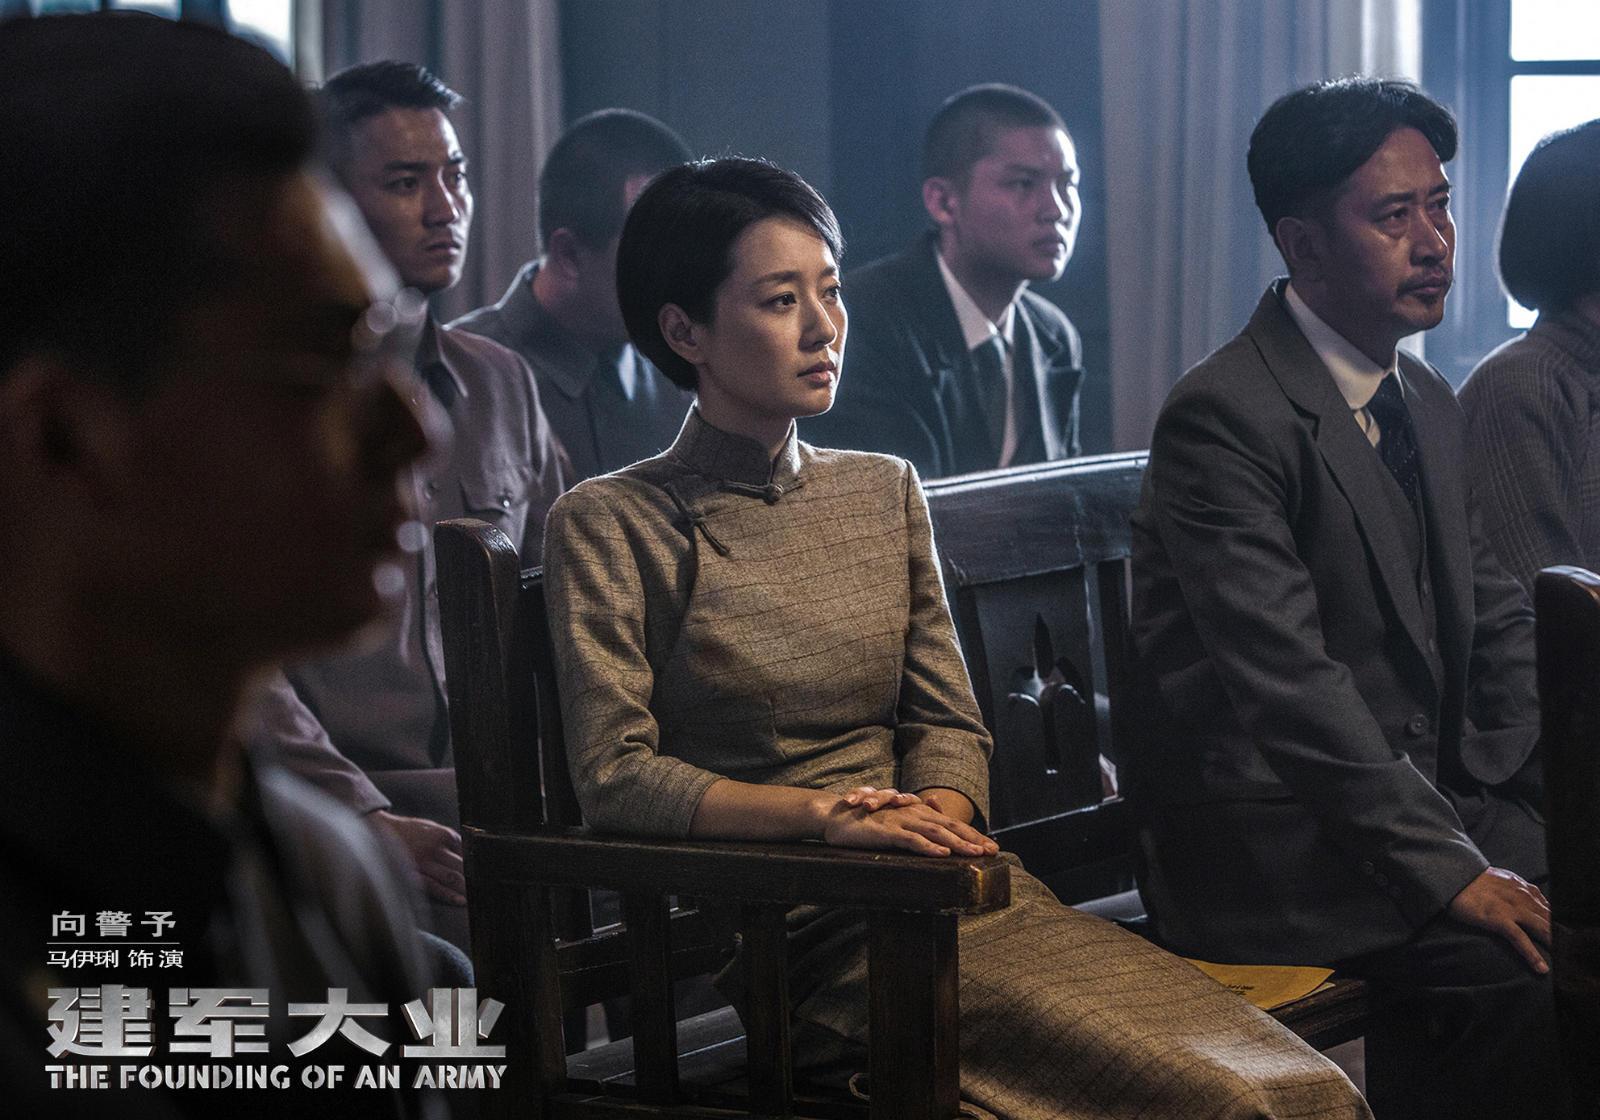 《建军大业》公布剧照 马伊琍李现致敬向警予罗荣桓